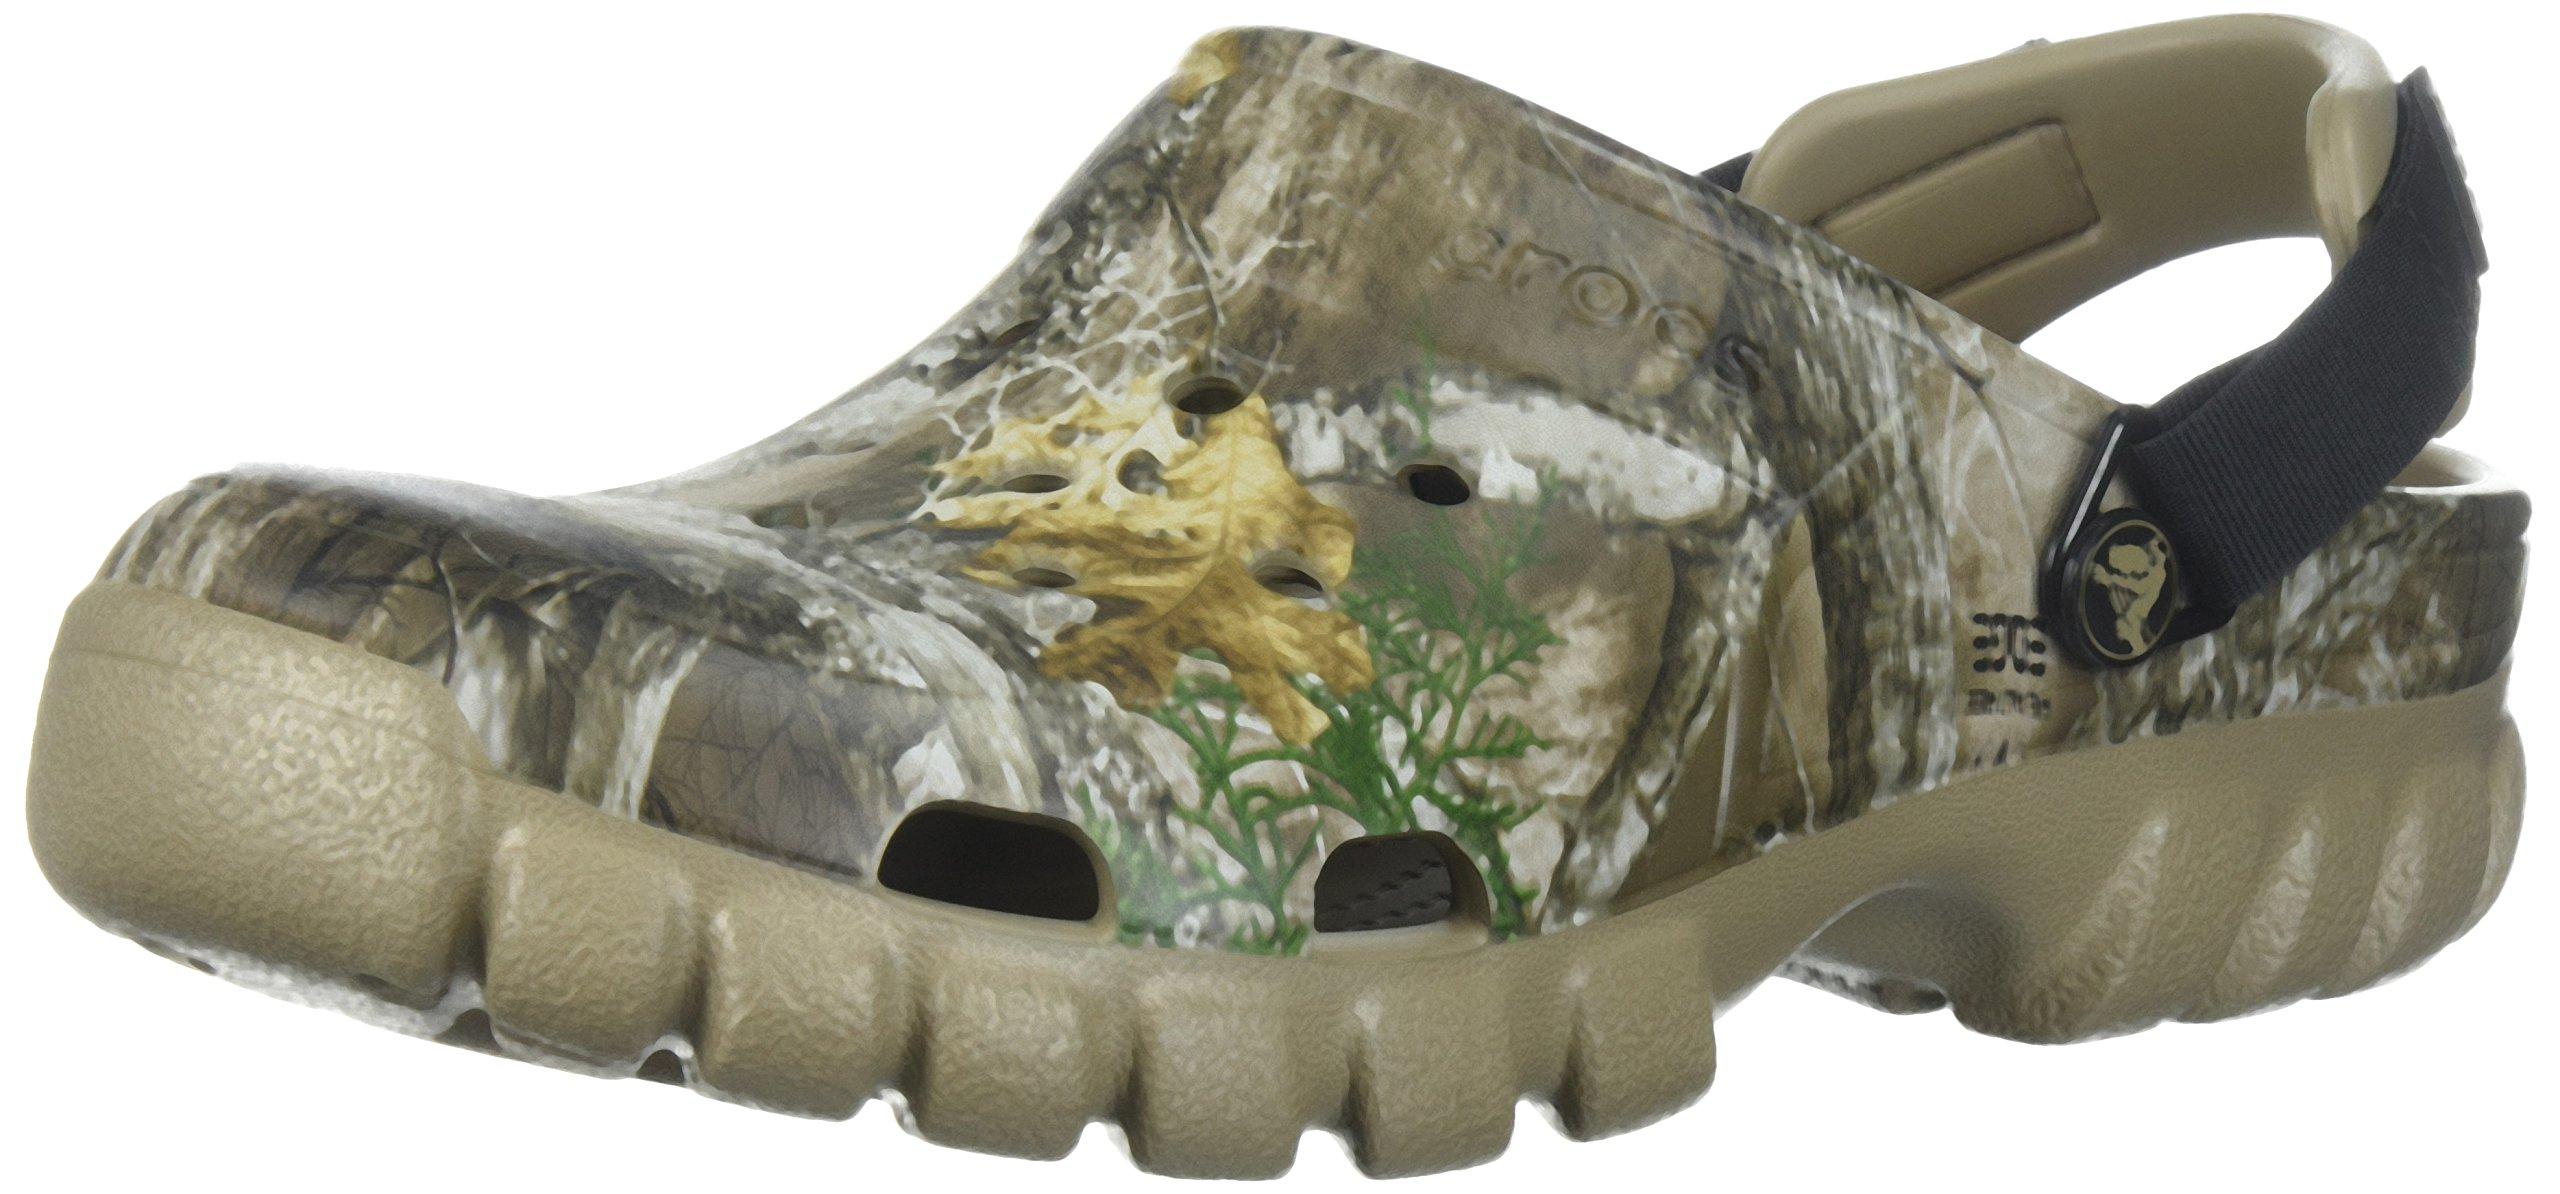 Crocs Offroad Sport Realtree EDG CLG Clog, Khaki, 12 US Women / 10 US Men